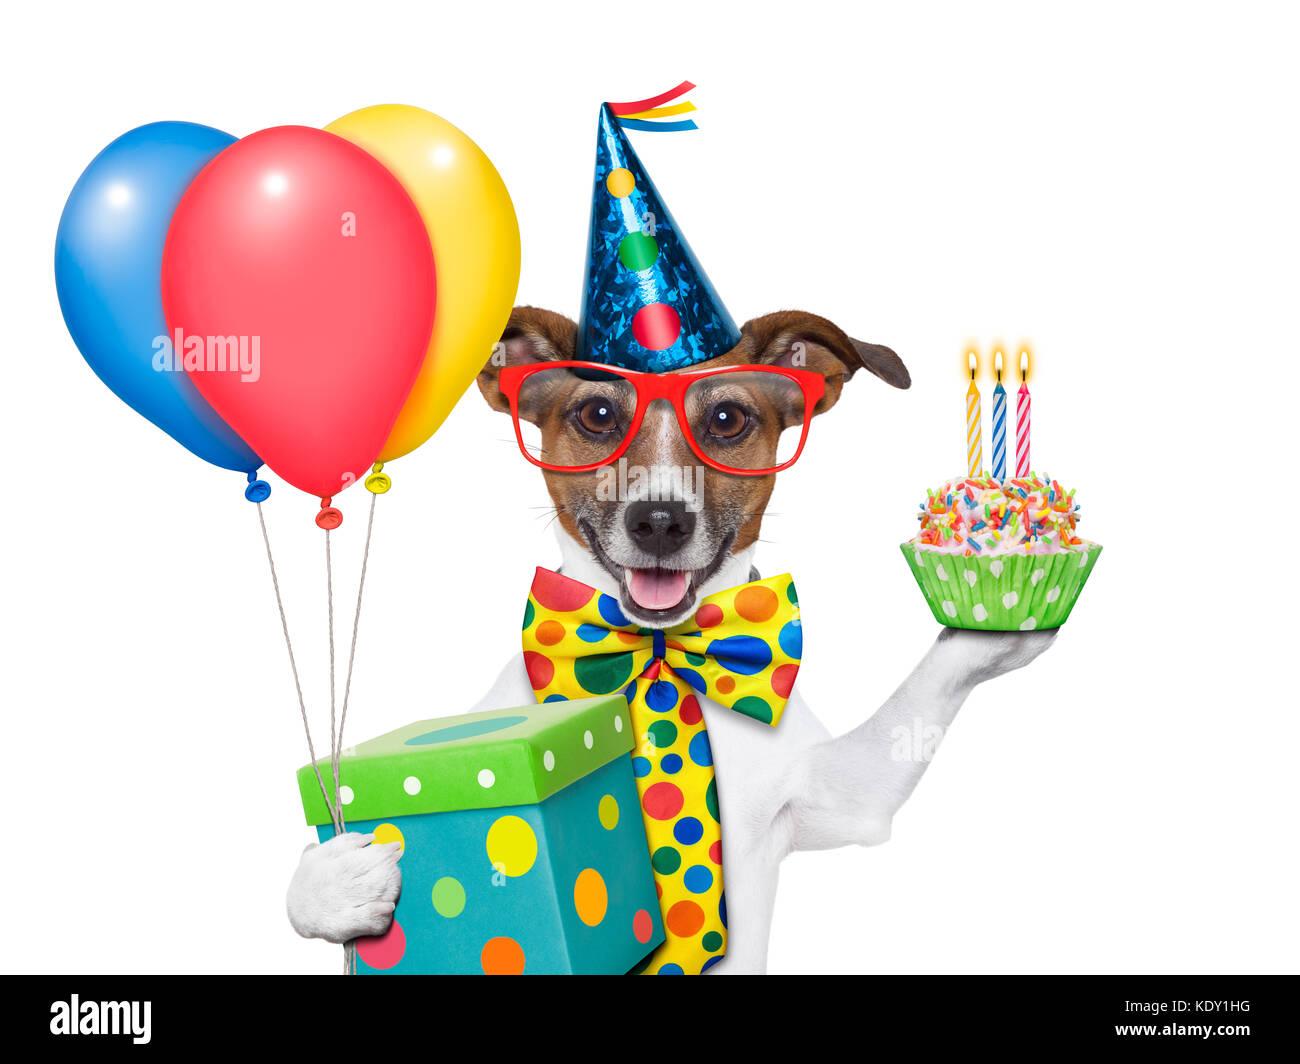 Поздравление с днём рождения тимофею 1 год